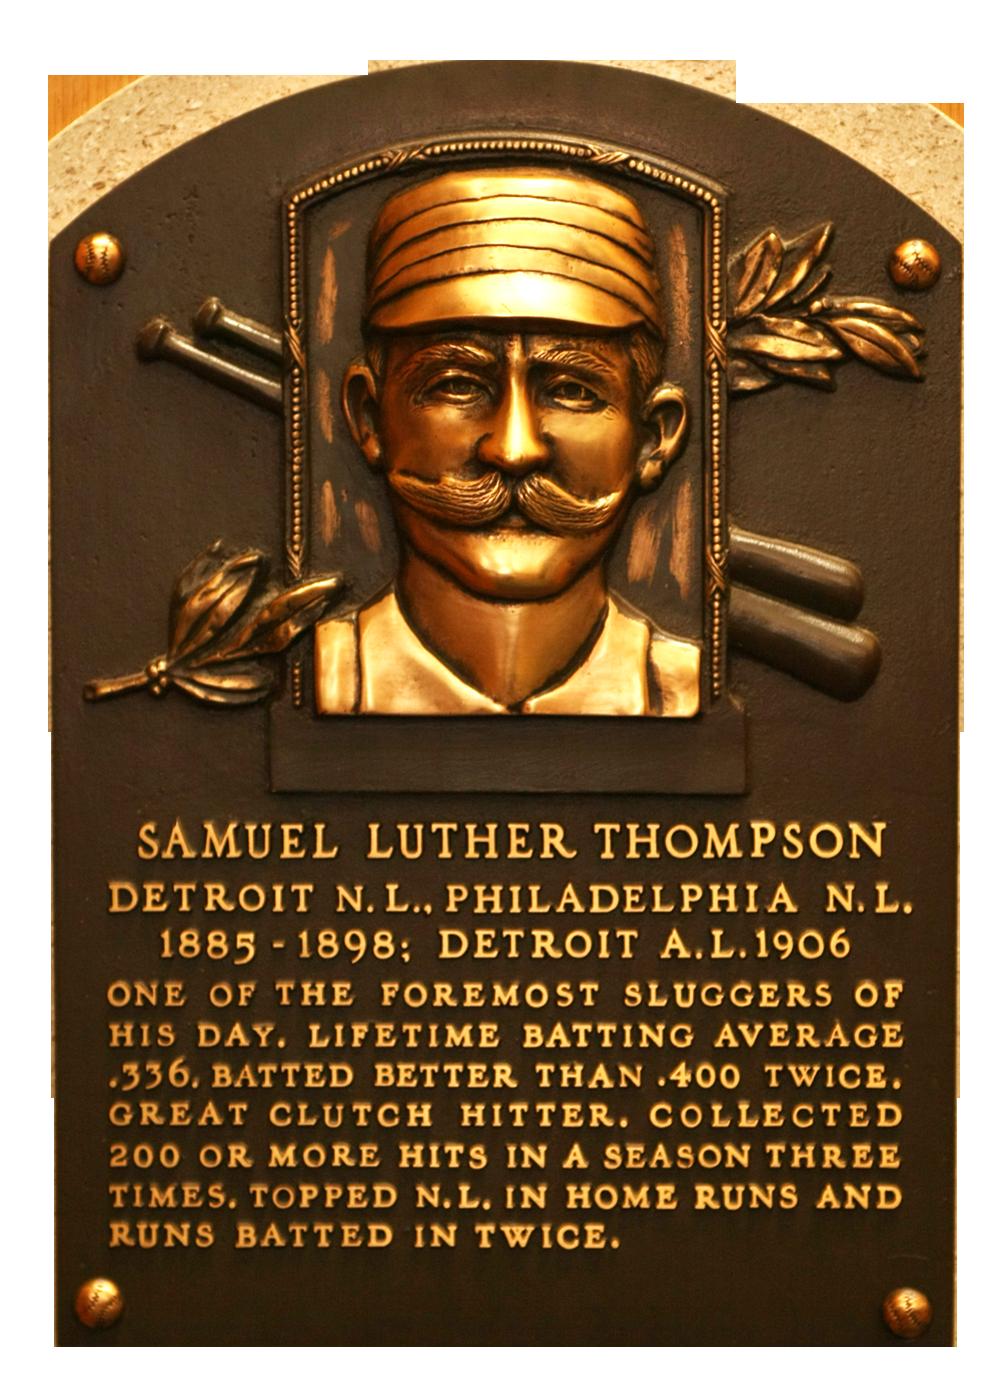 Thompson-Sam-Plaque_NBL.png